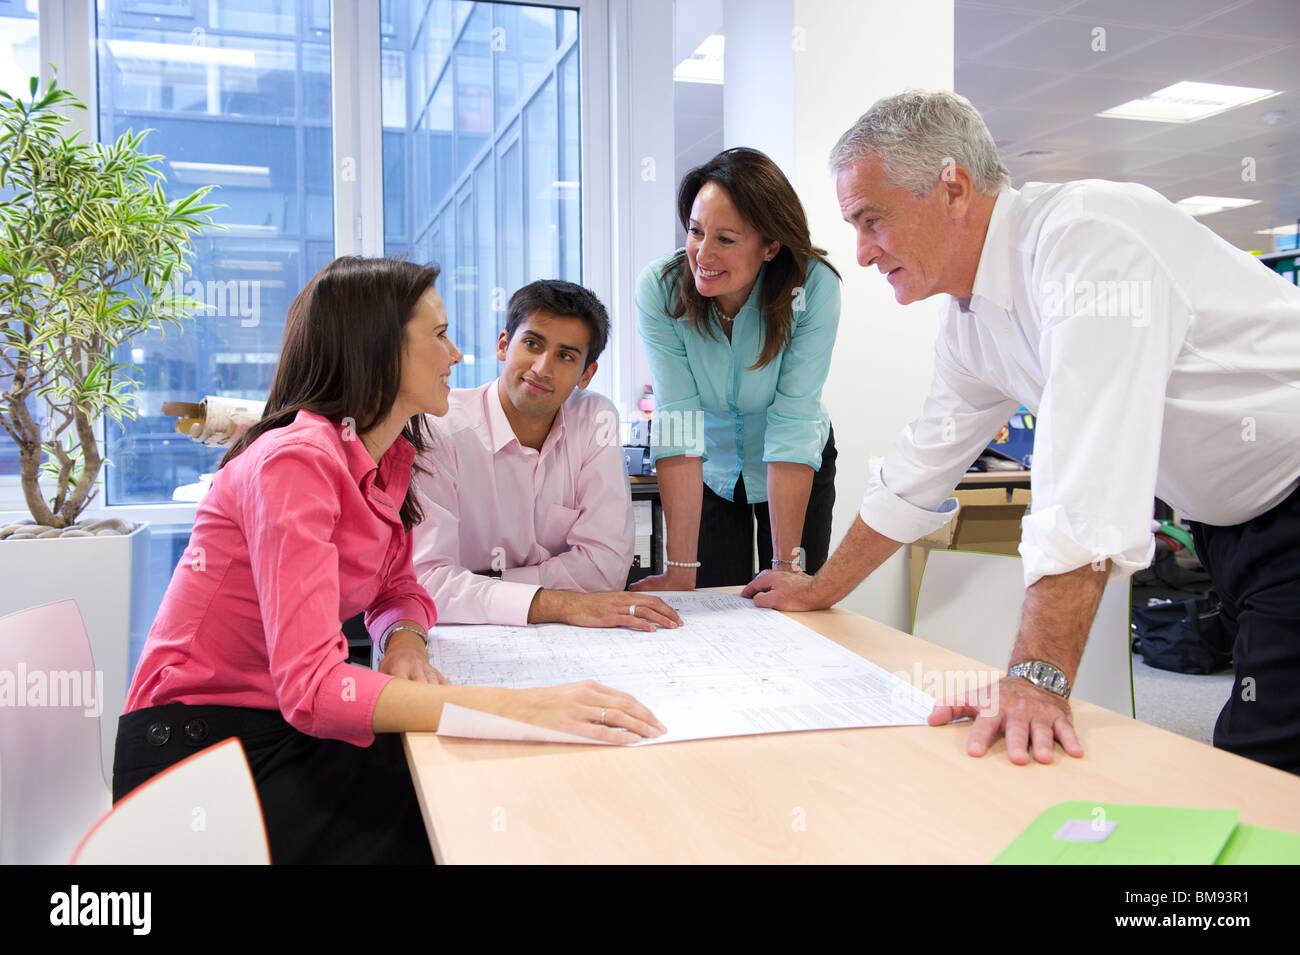 Réunion d'équipe afin de discuter de plans architectes Photo Stock